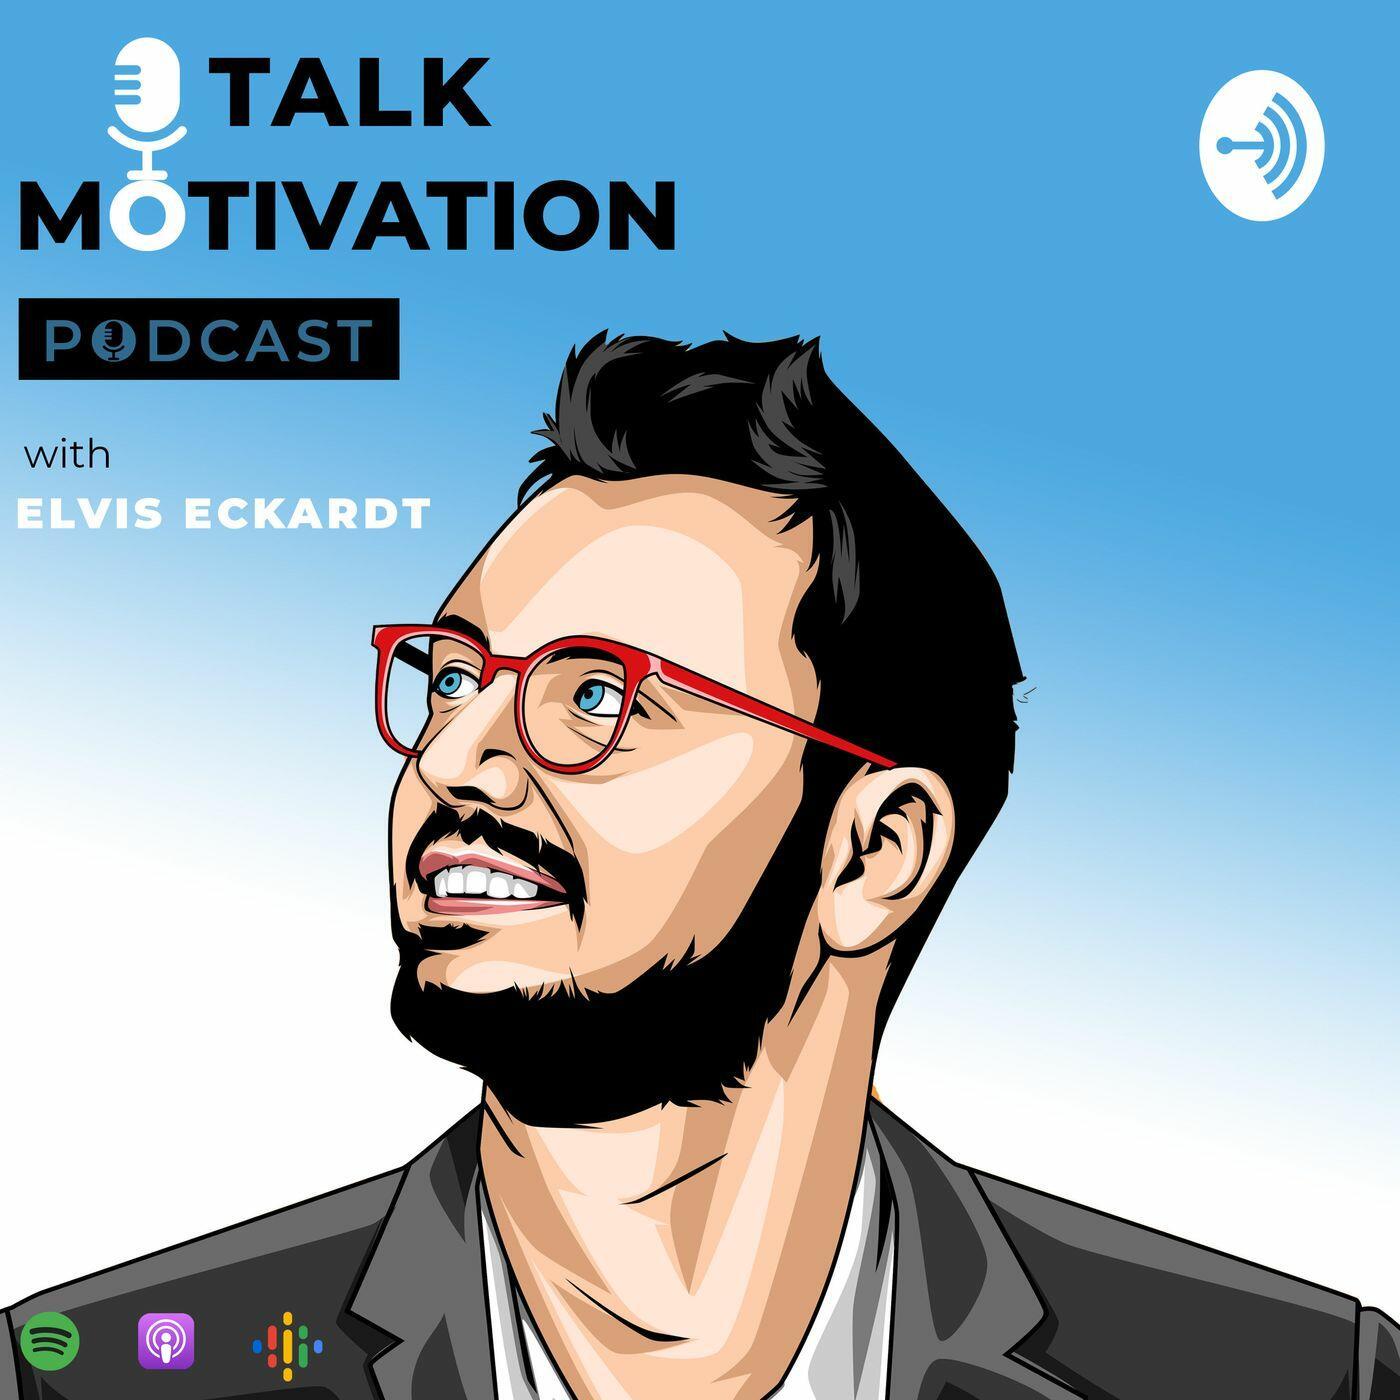 Talk Motivation